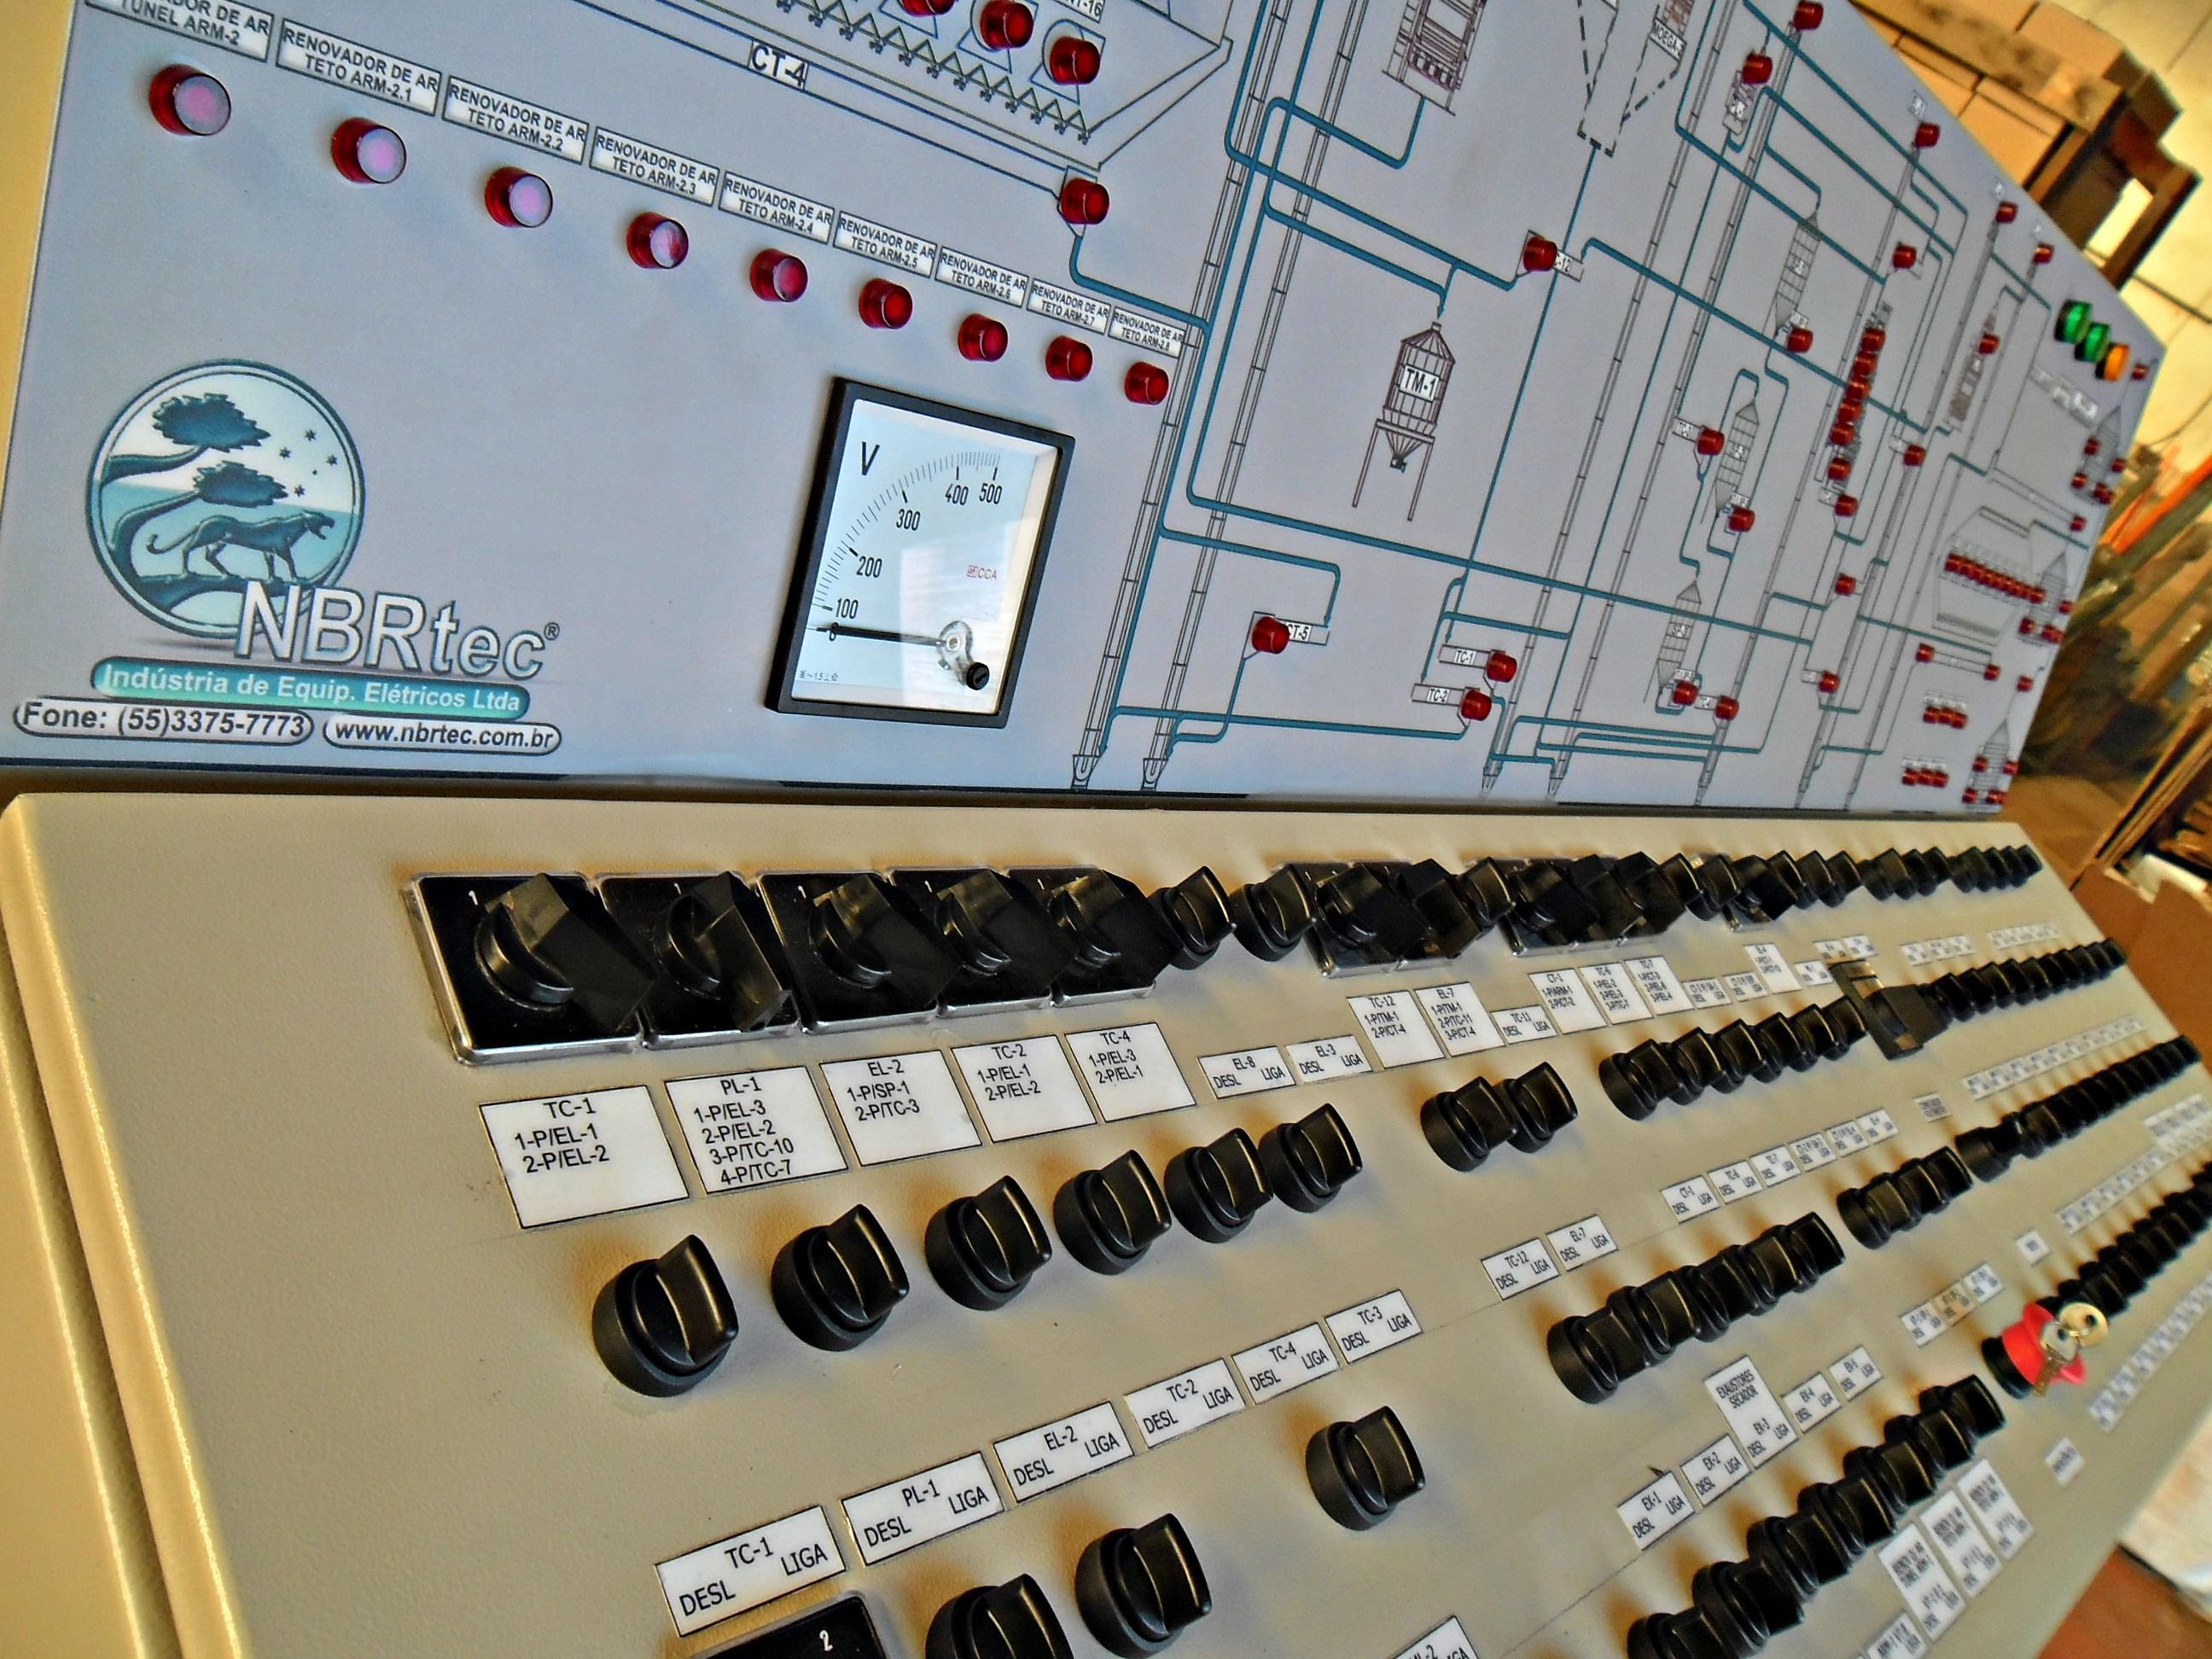 Instalações elétricas de baixa tensão - Painéis / Comandos / Força